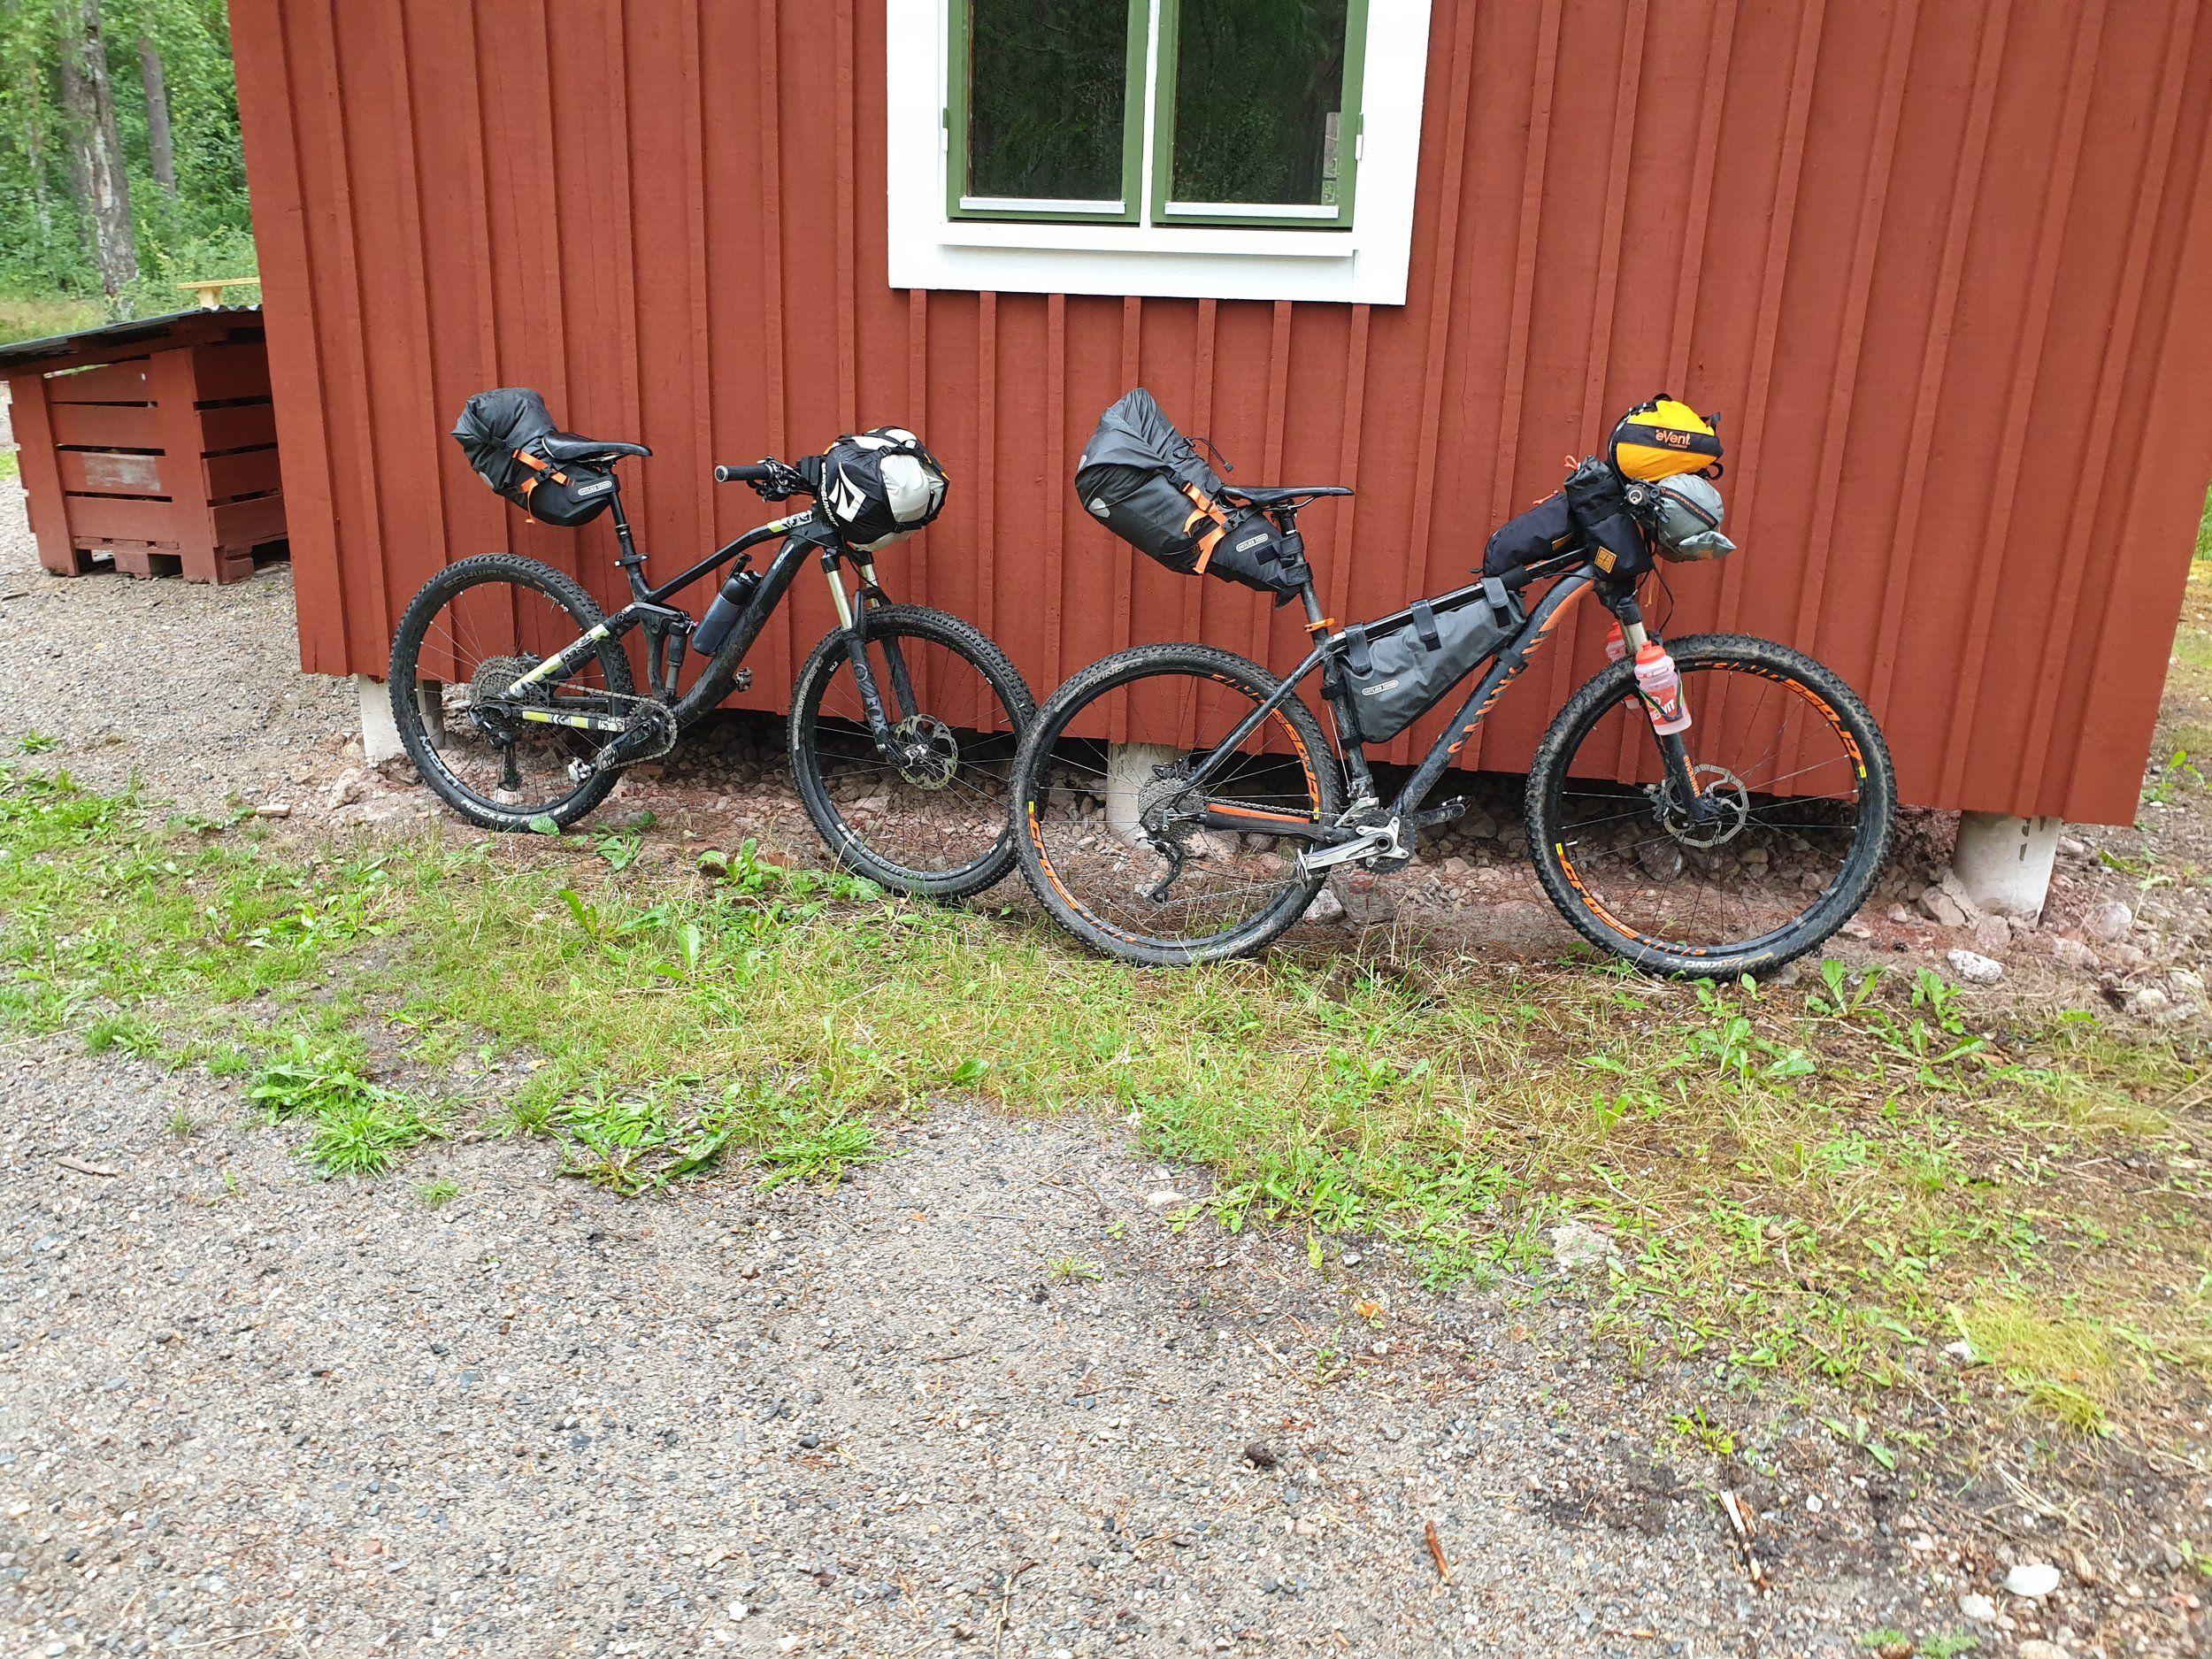 Raststuga nära Högbo, åt sen lunch här.